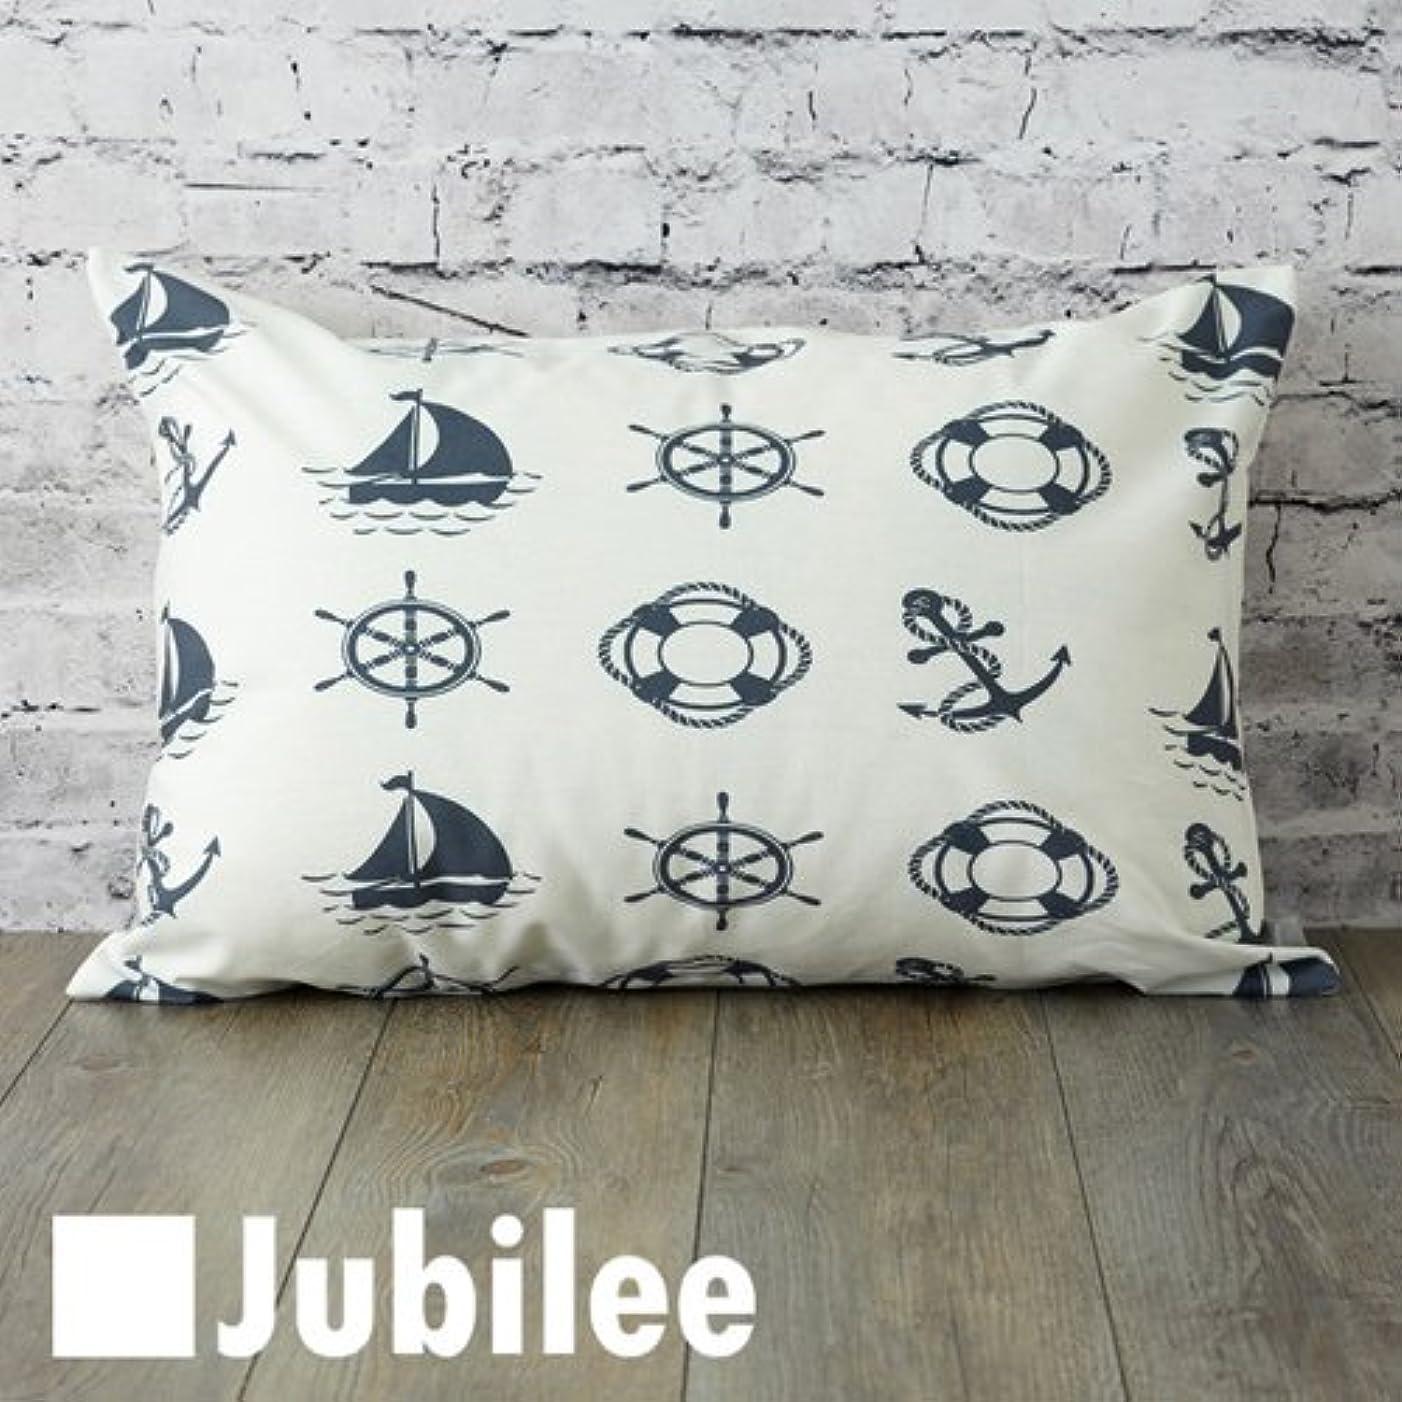 友だち二バーゲン枕カバー jubilee ピローケース ネイビーマリン (MKR014) 北欧柄 ピュア コットン 寝具 新生活 英国 ブランド